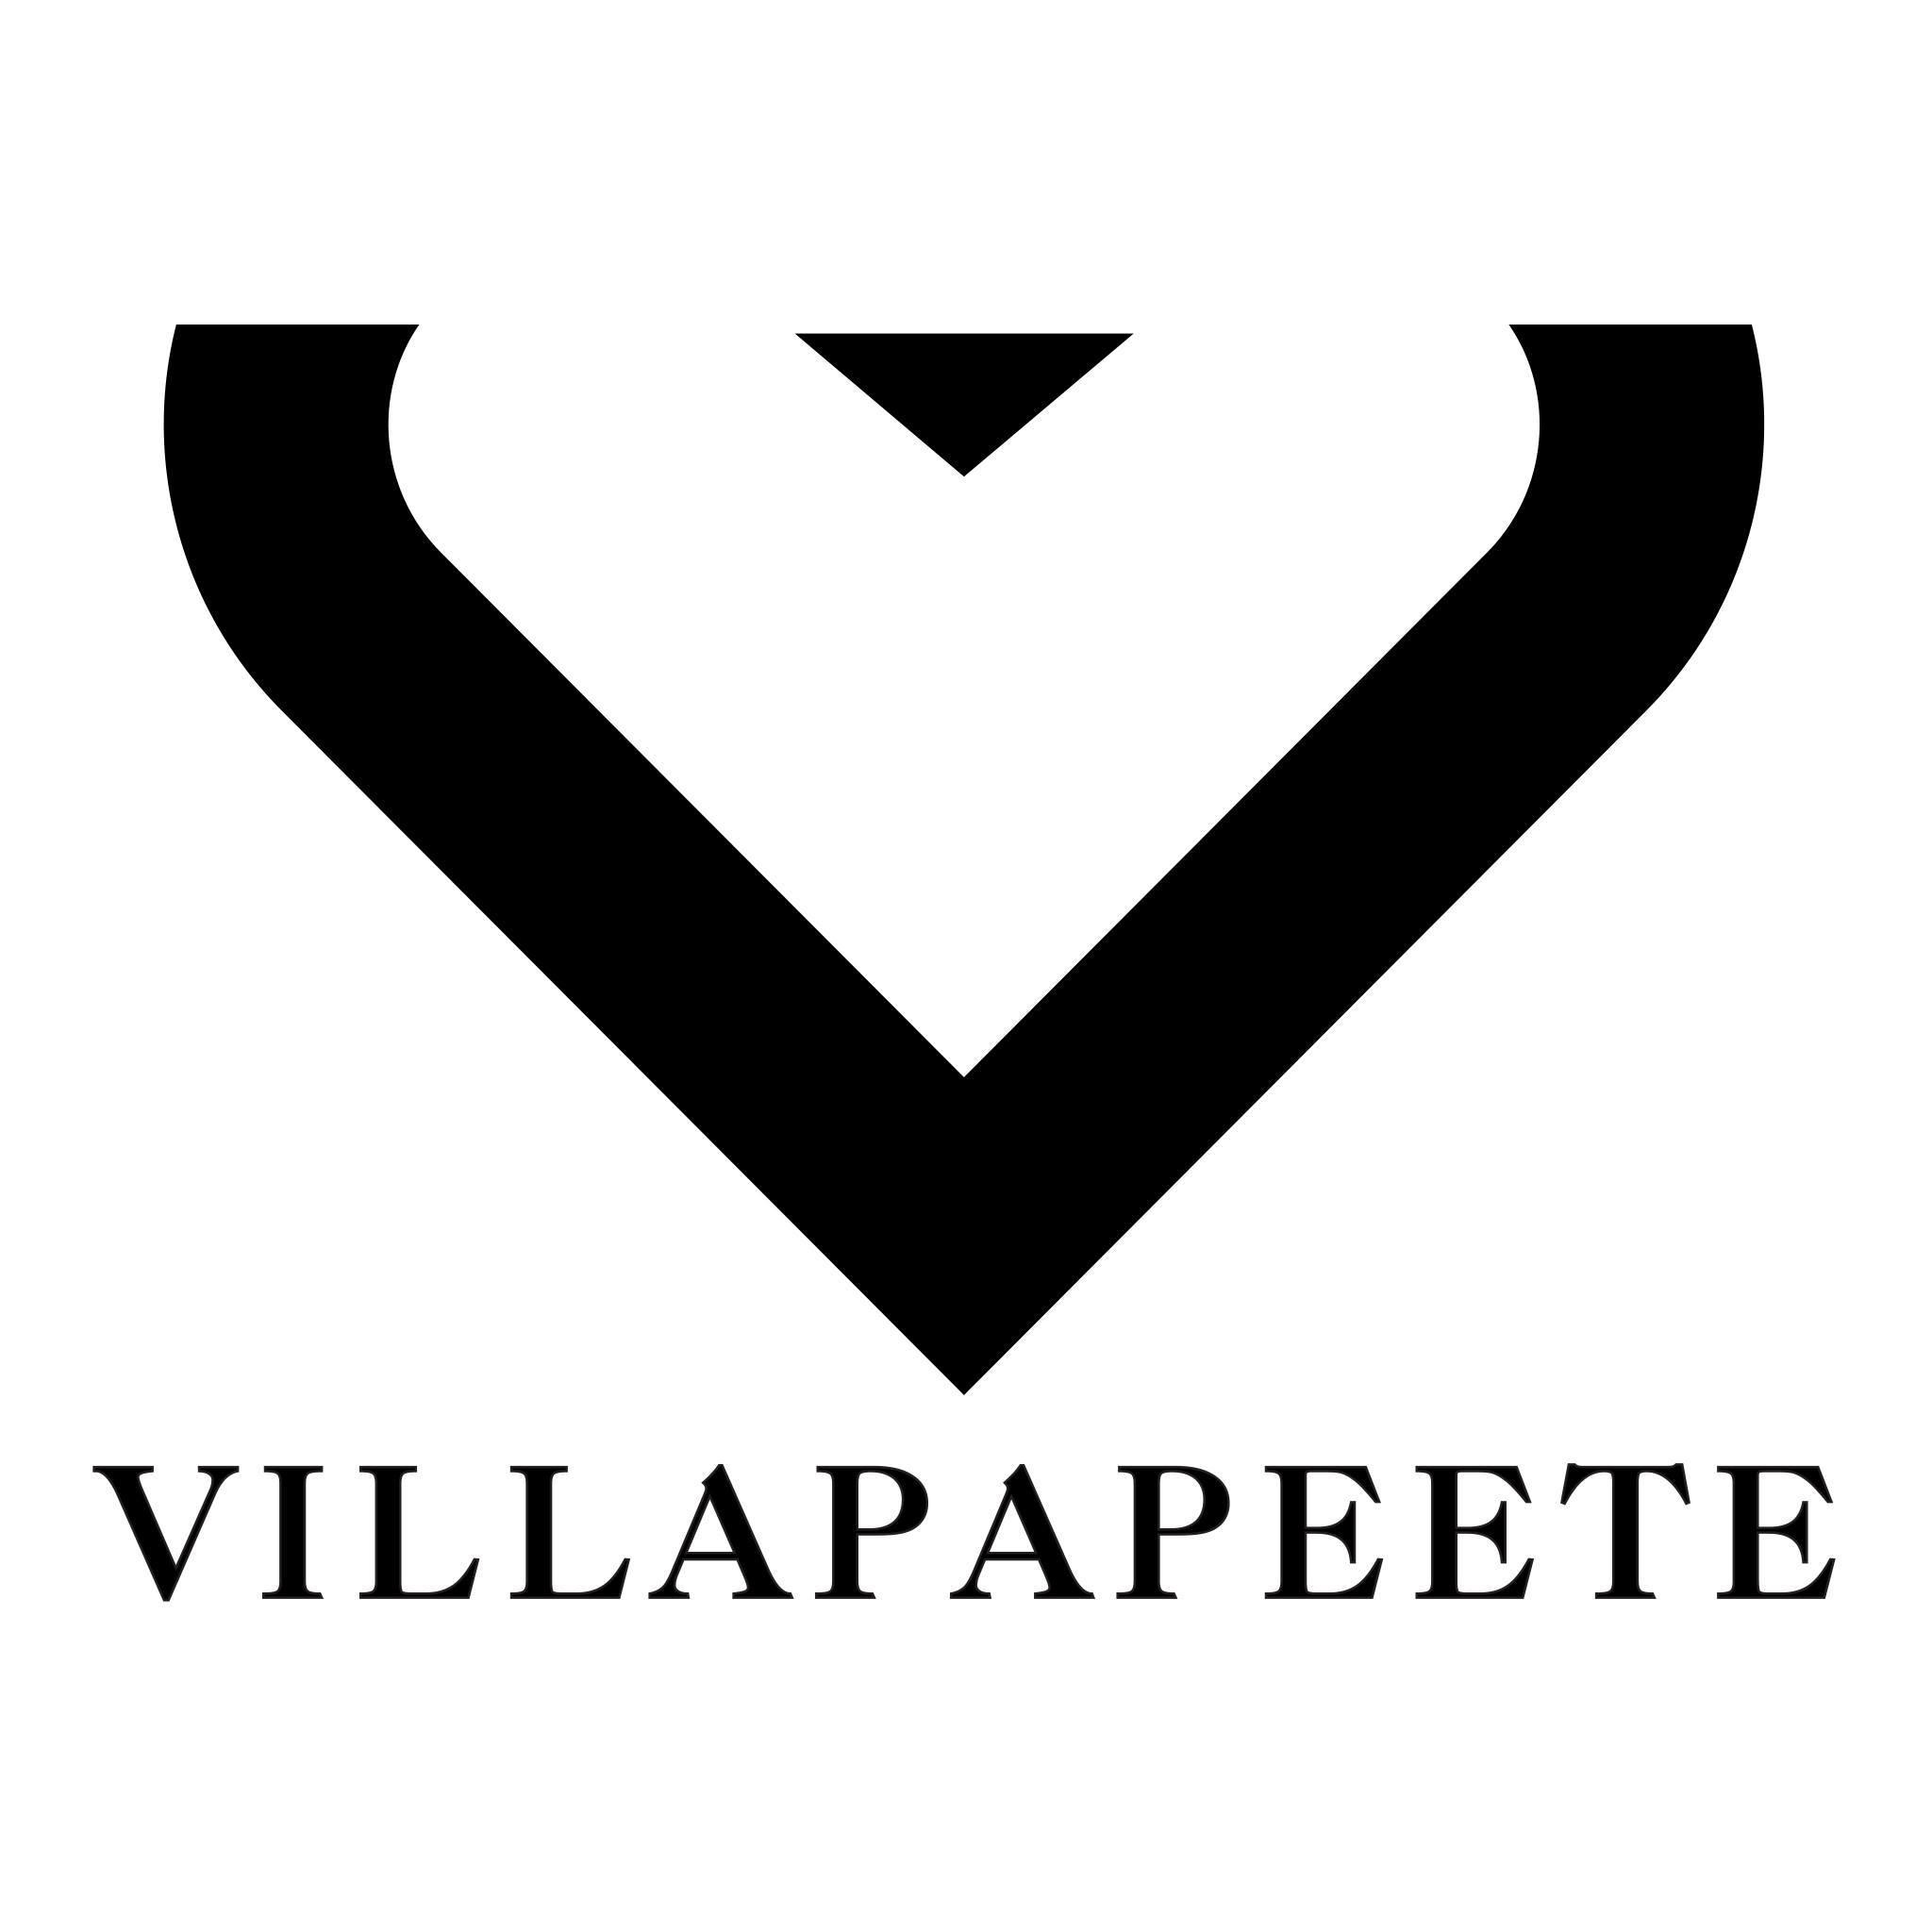 Ultimi eventi estate 2019 discoteca Villa Papeete Milano Marittima